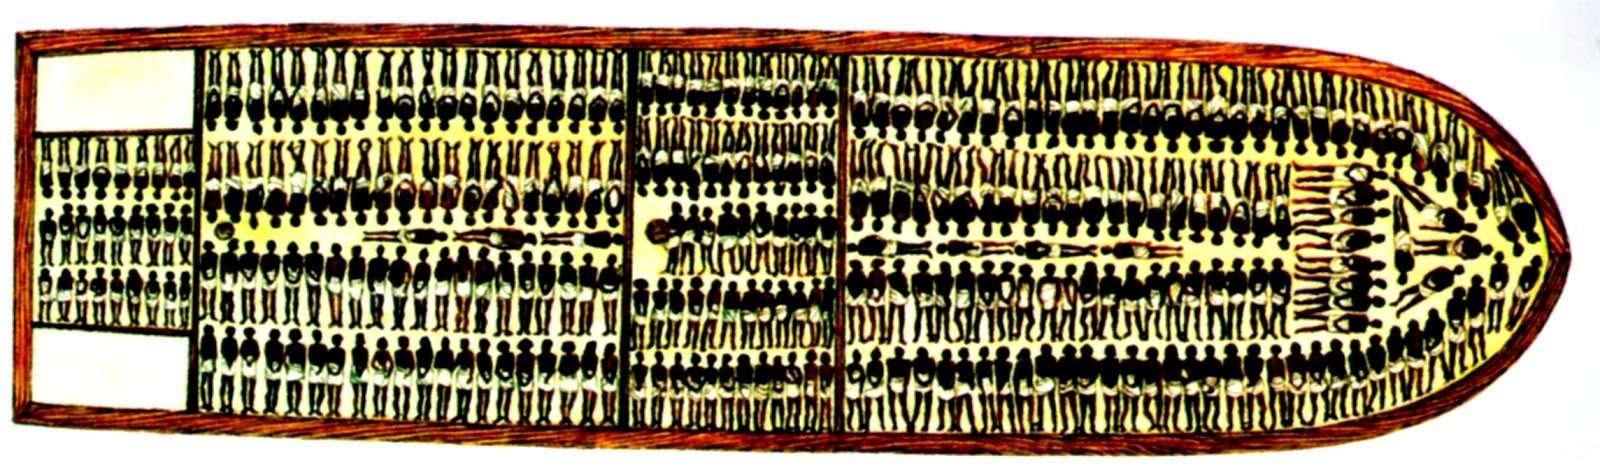 Disposición de esclavos en un barco transportador de esclavos. (Litografia